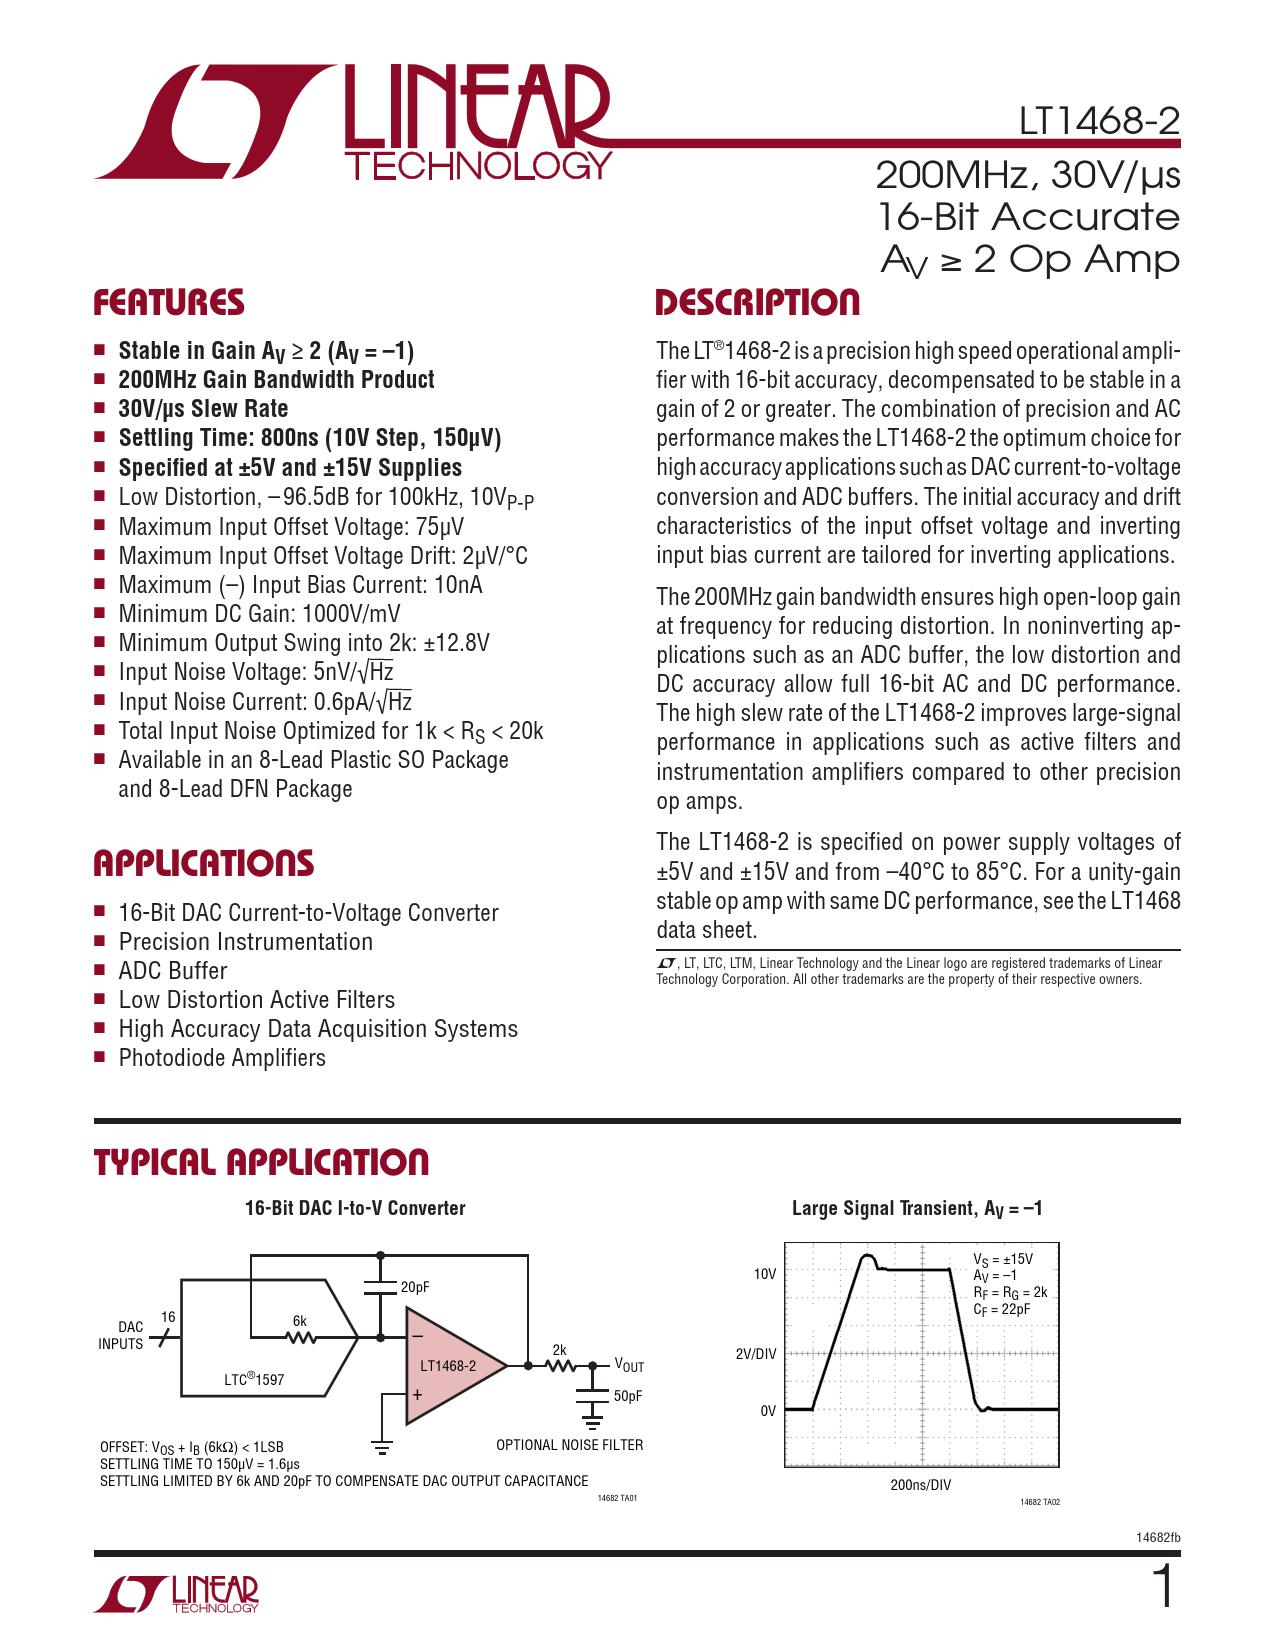 Datasheet LT1468-2 Analog Devices